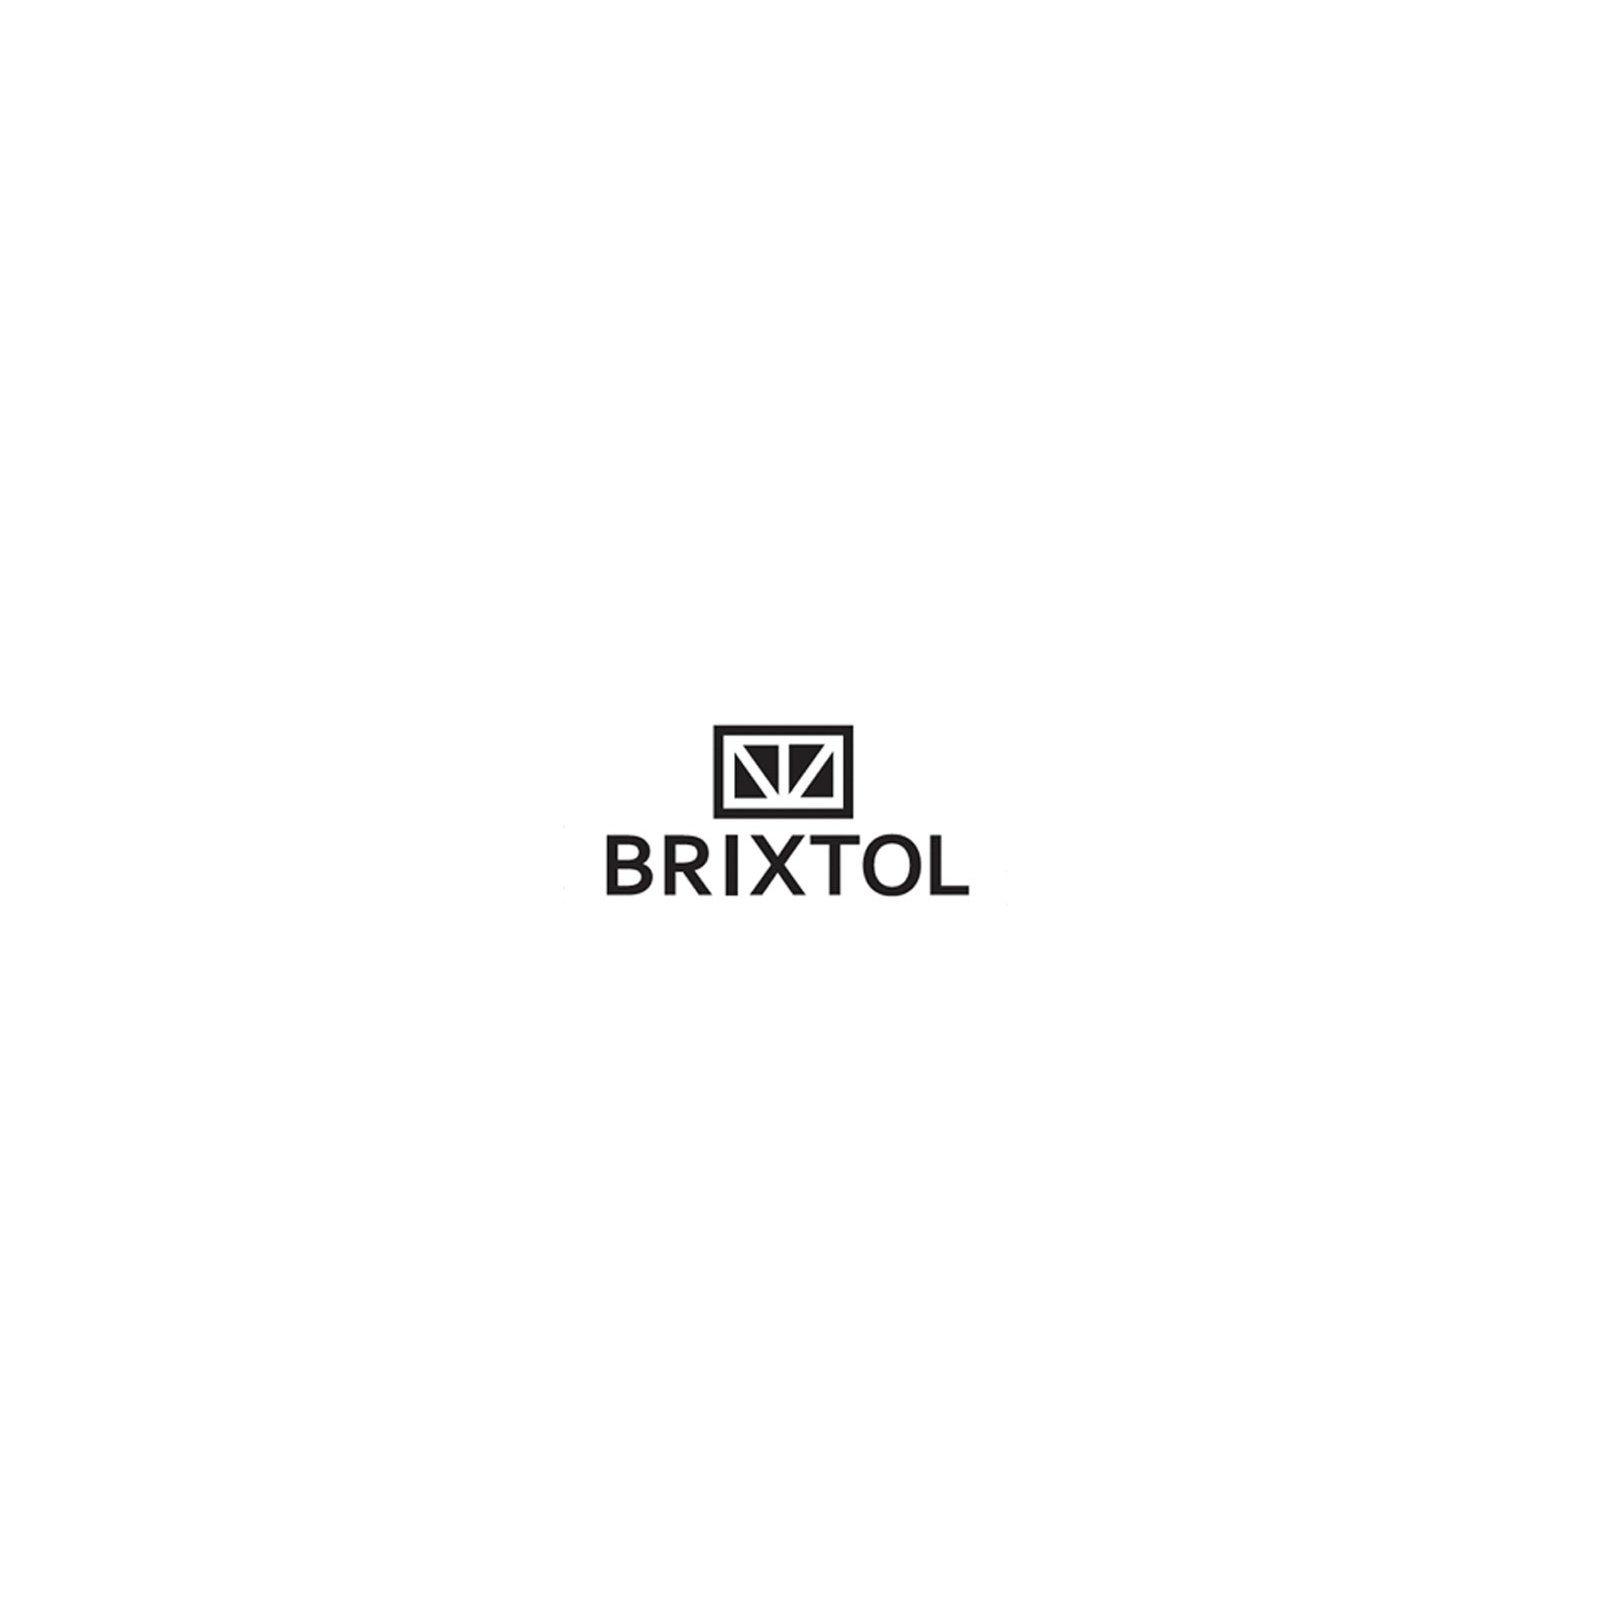 BRIXTOL